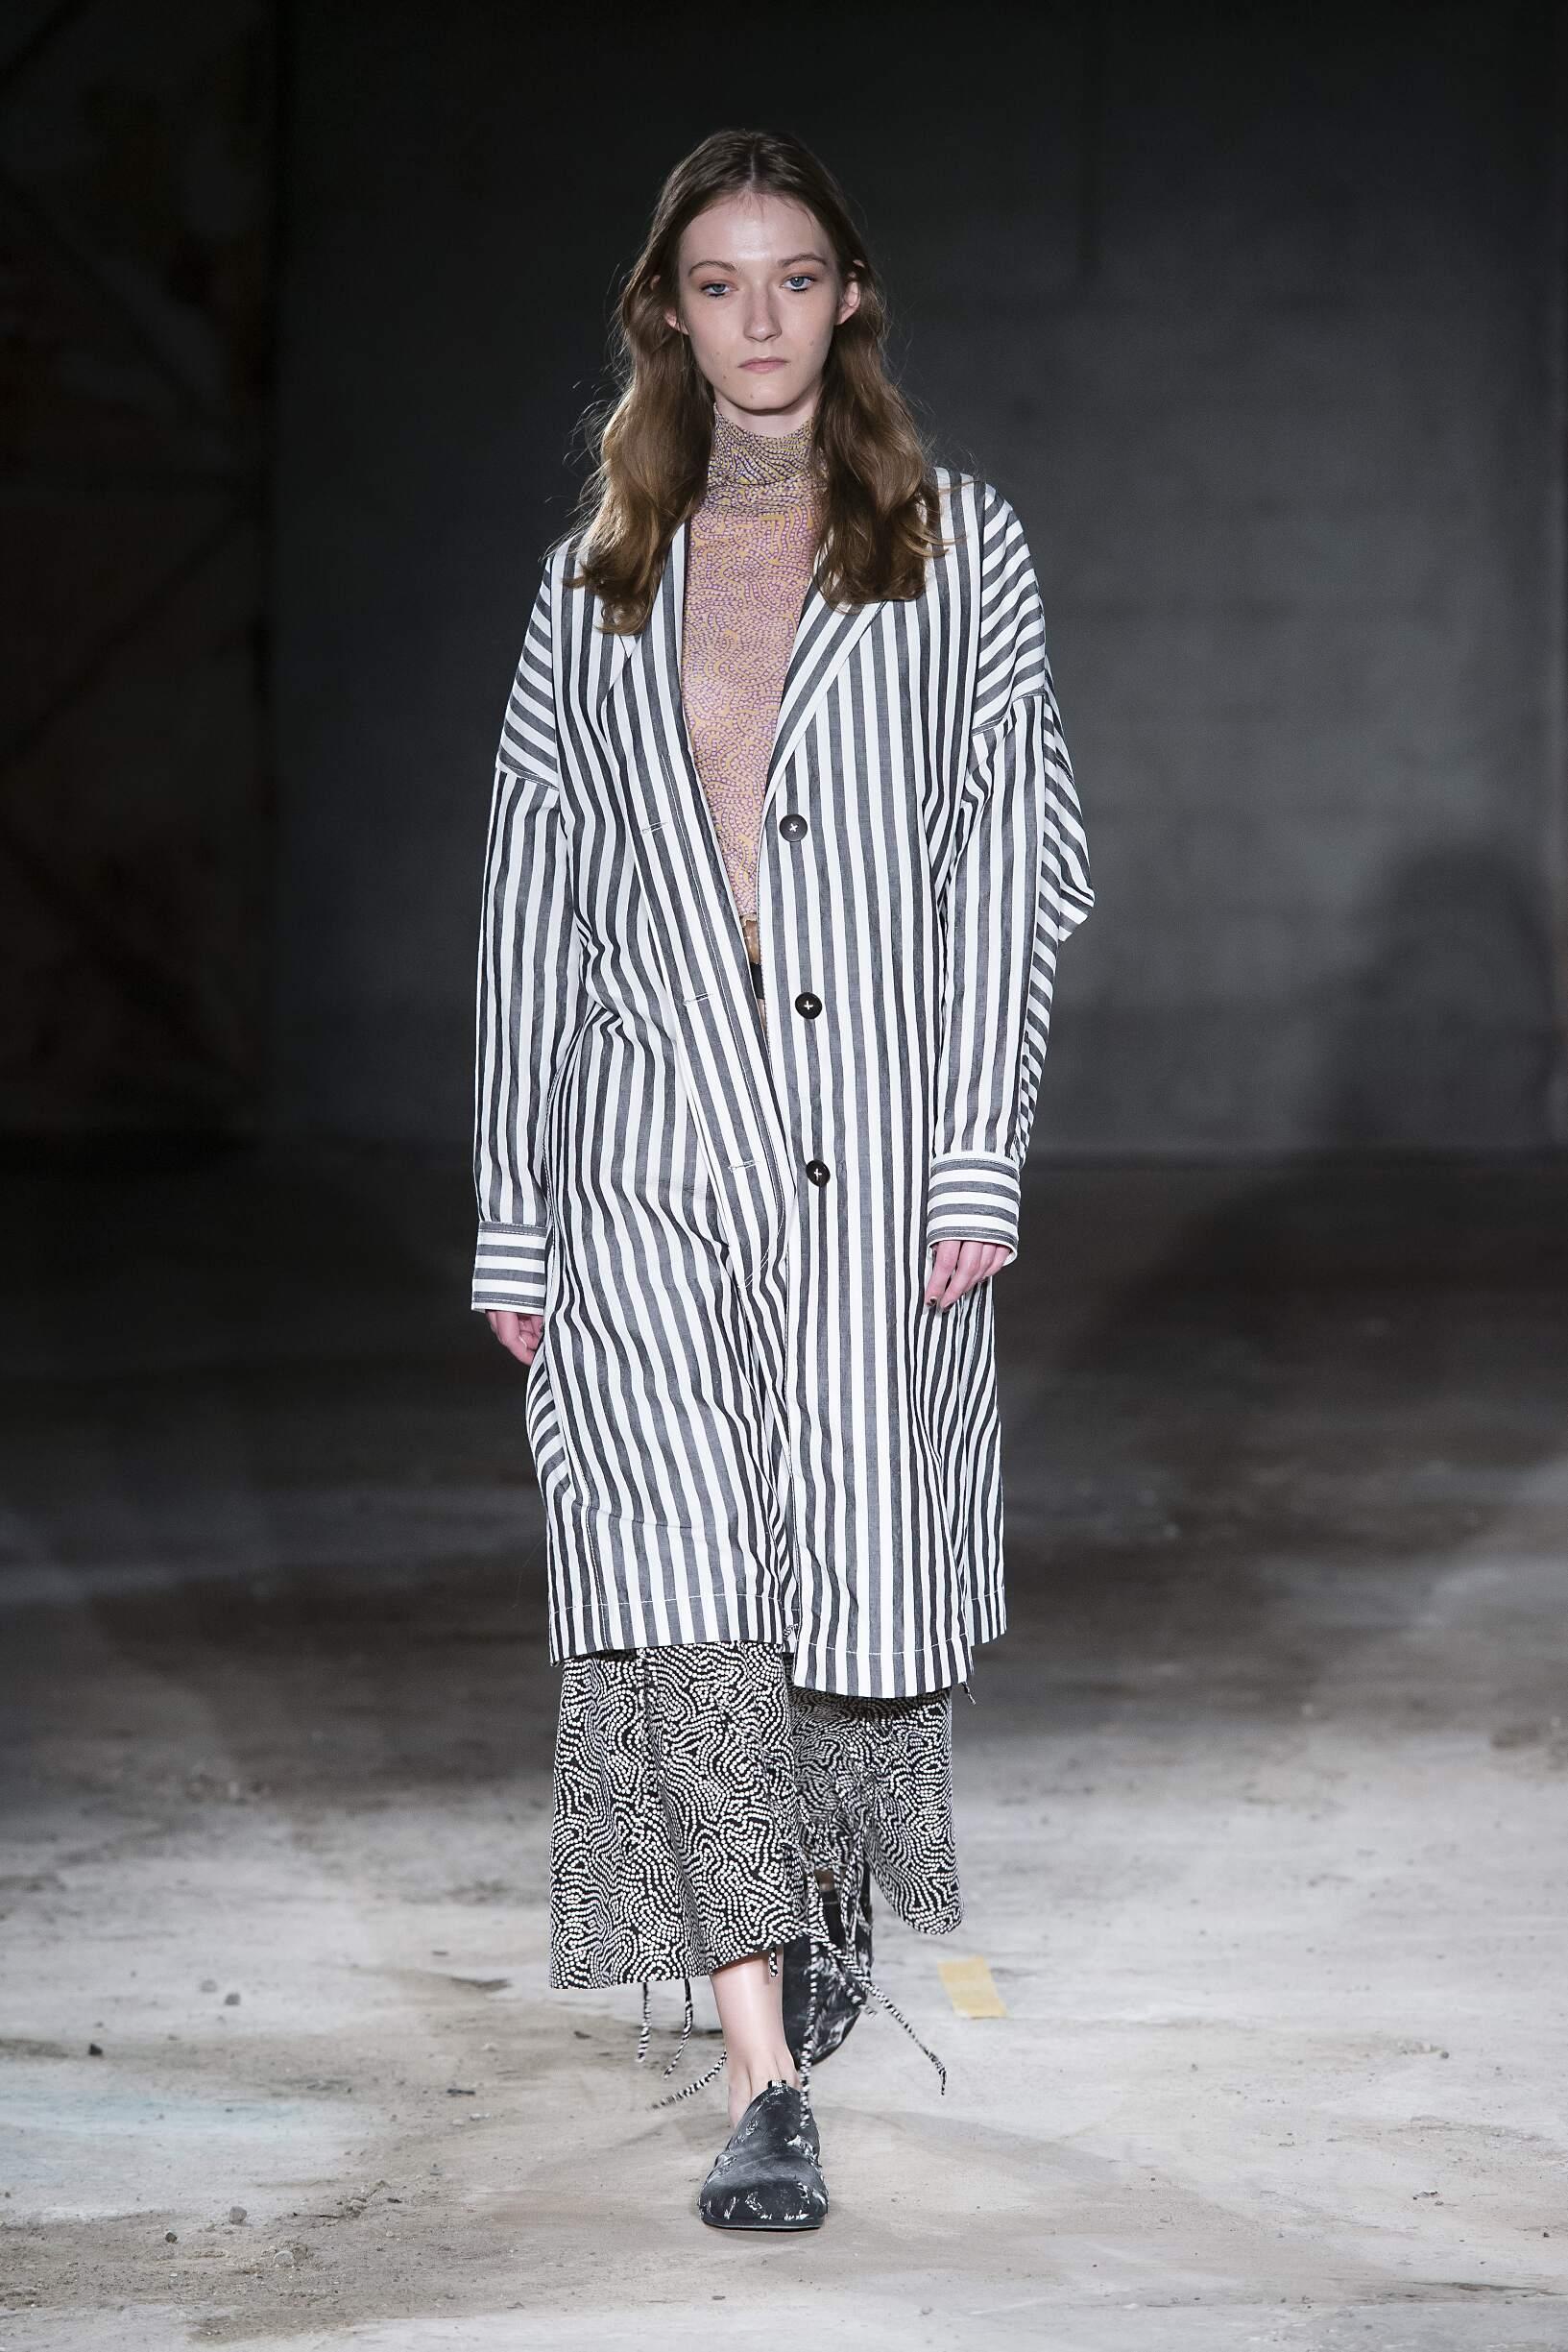 SS 2018 Damir Doma Womenswear Fashion Show